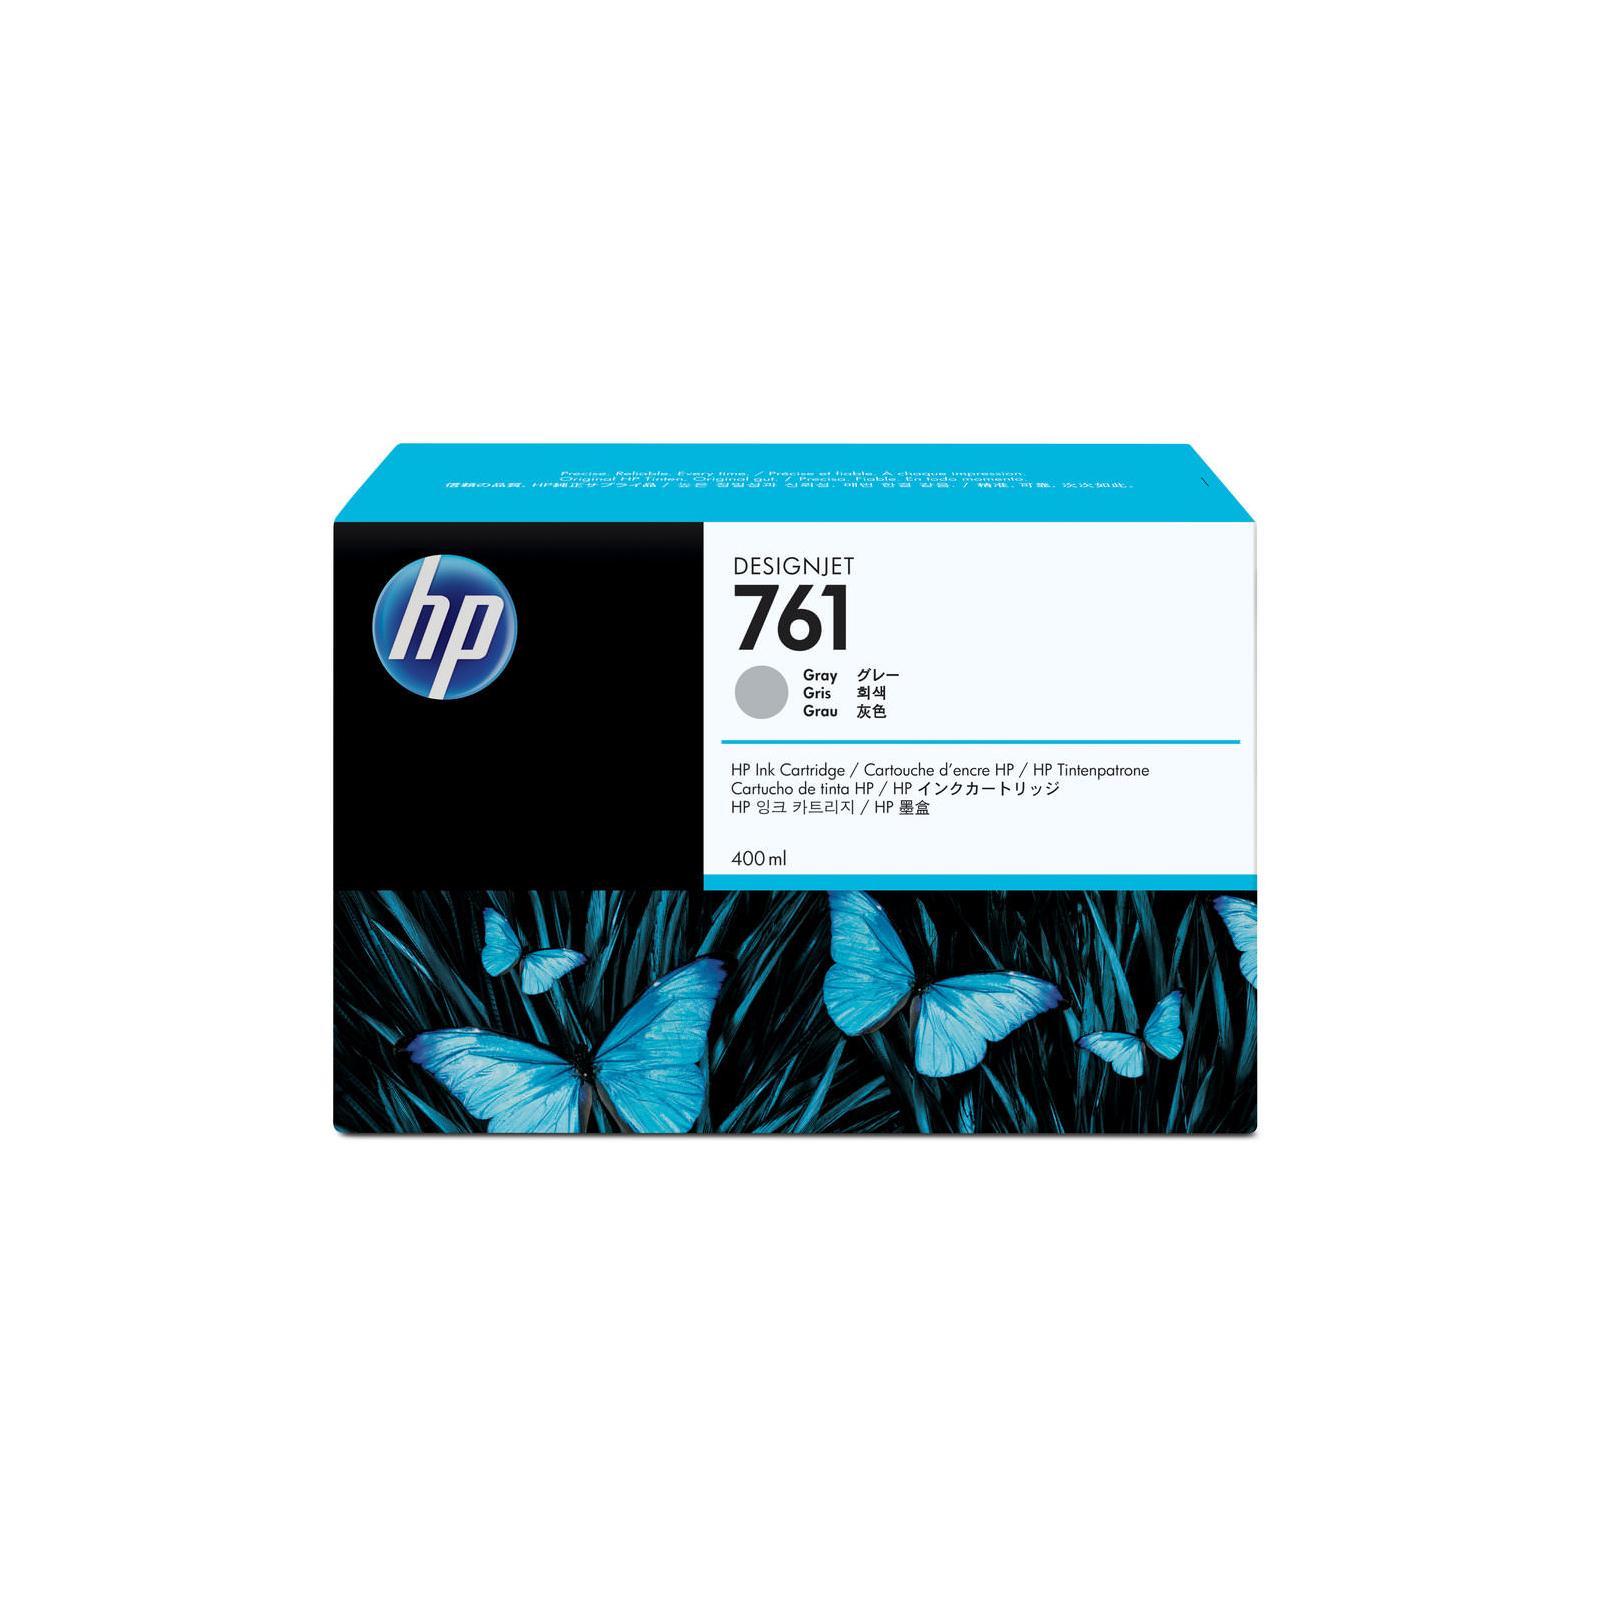 Картридж HP DJ No.761 DesignJet T7100 gray (CM995A)